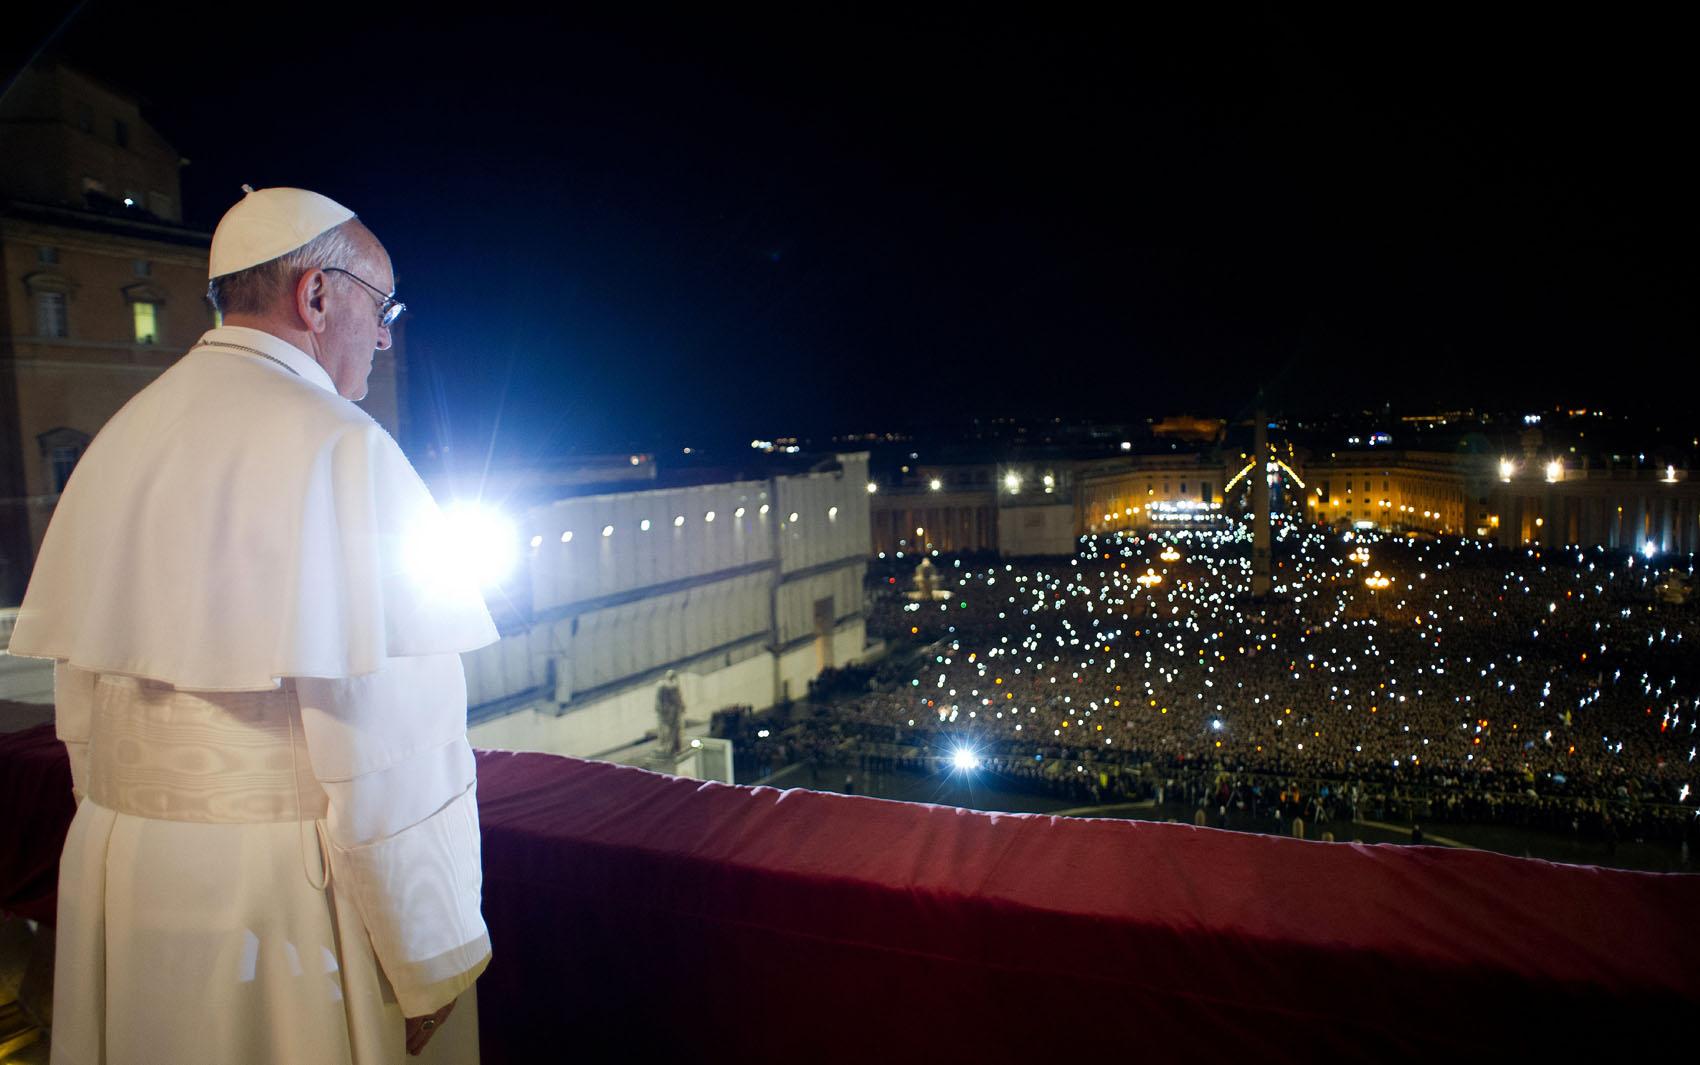 A primeira aparição do Papa Francisco na sacada do Vaticano